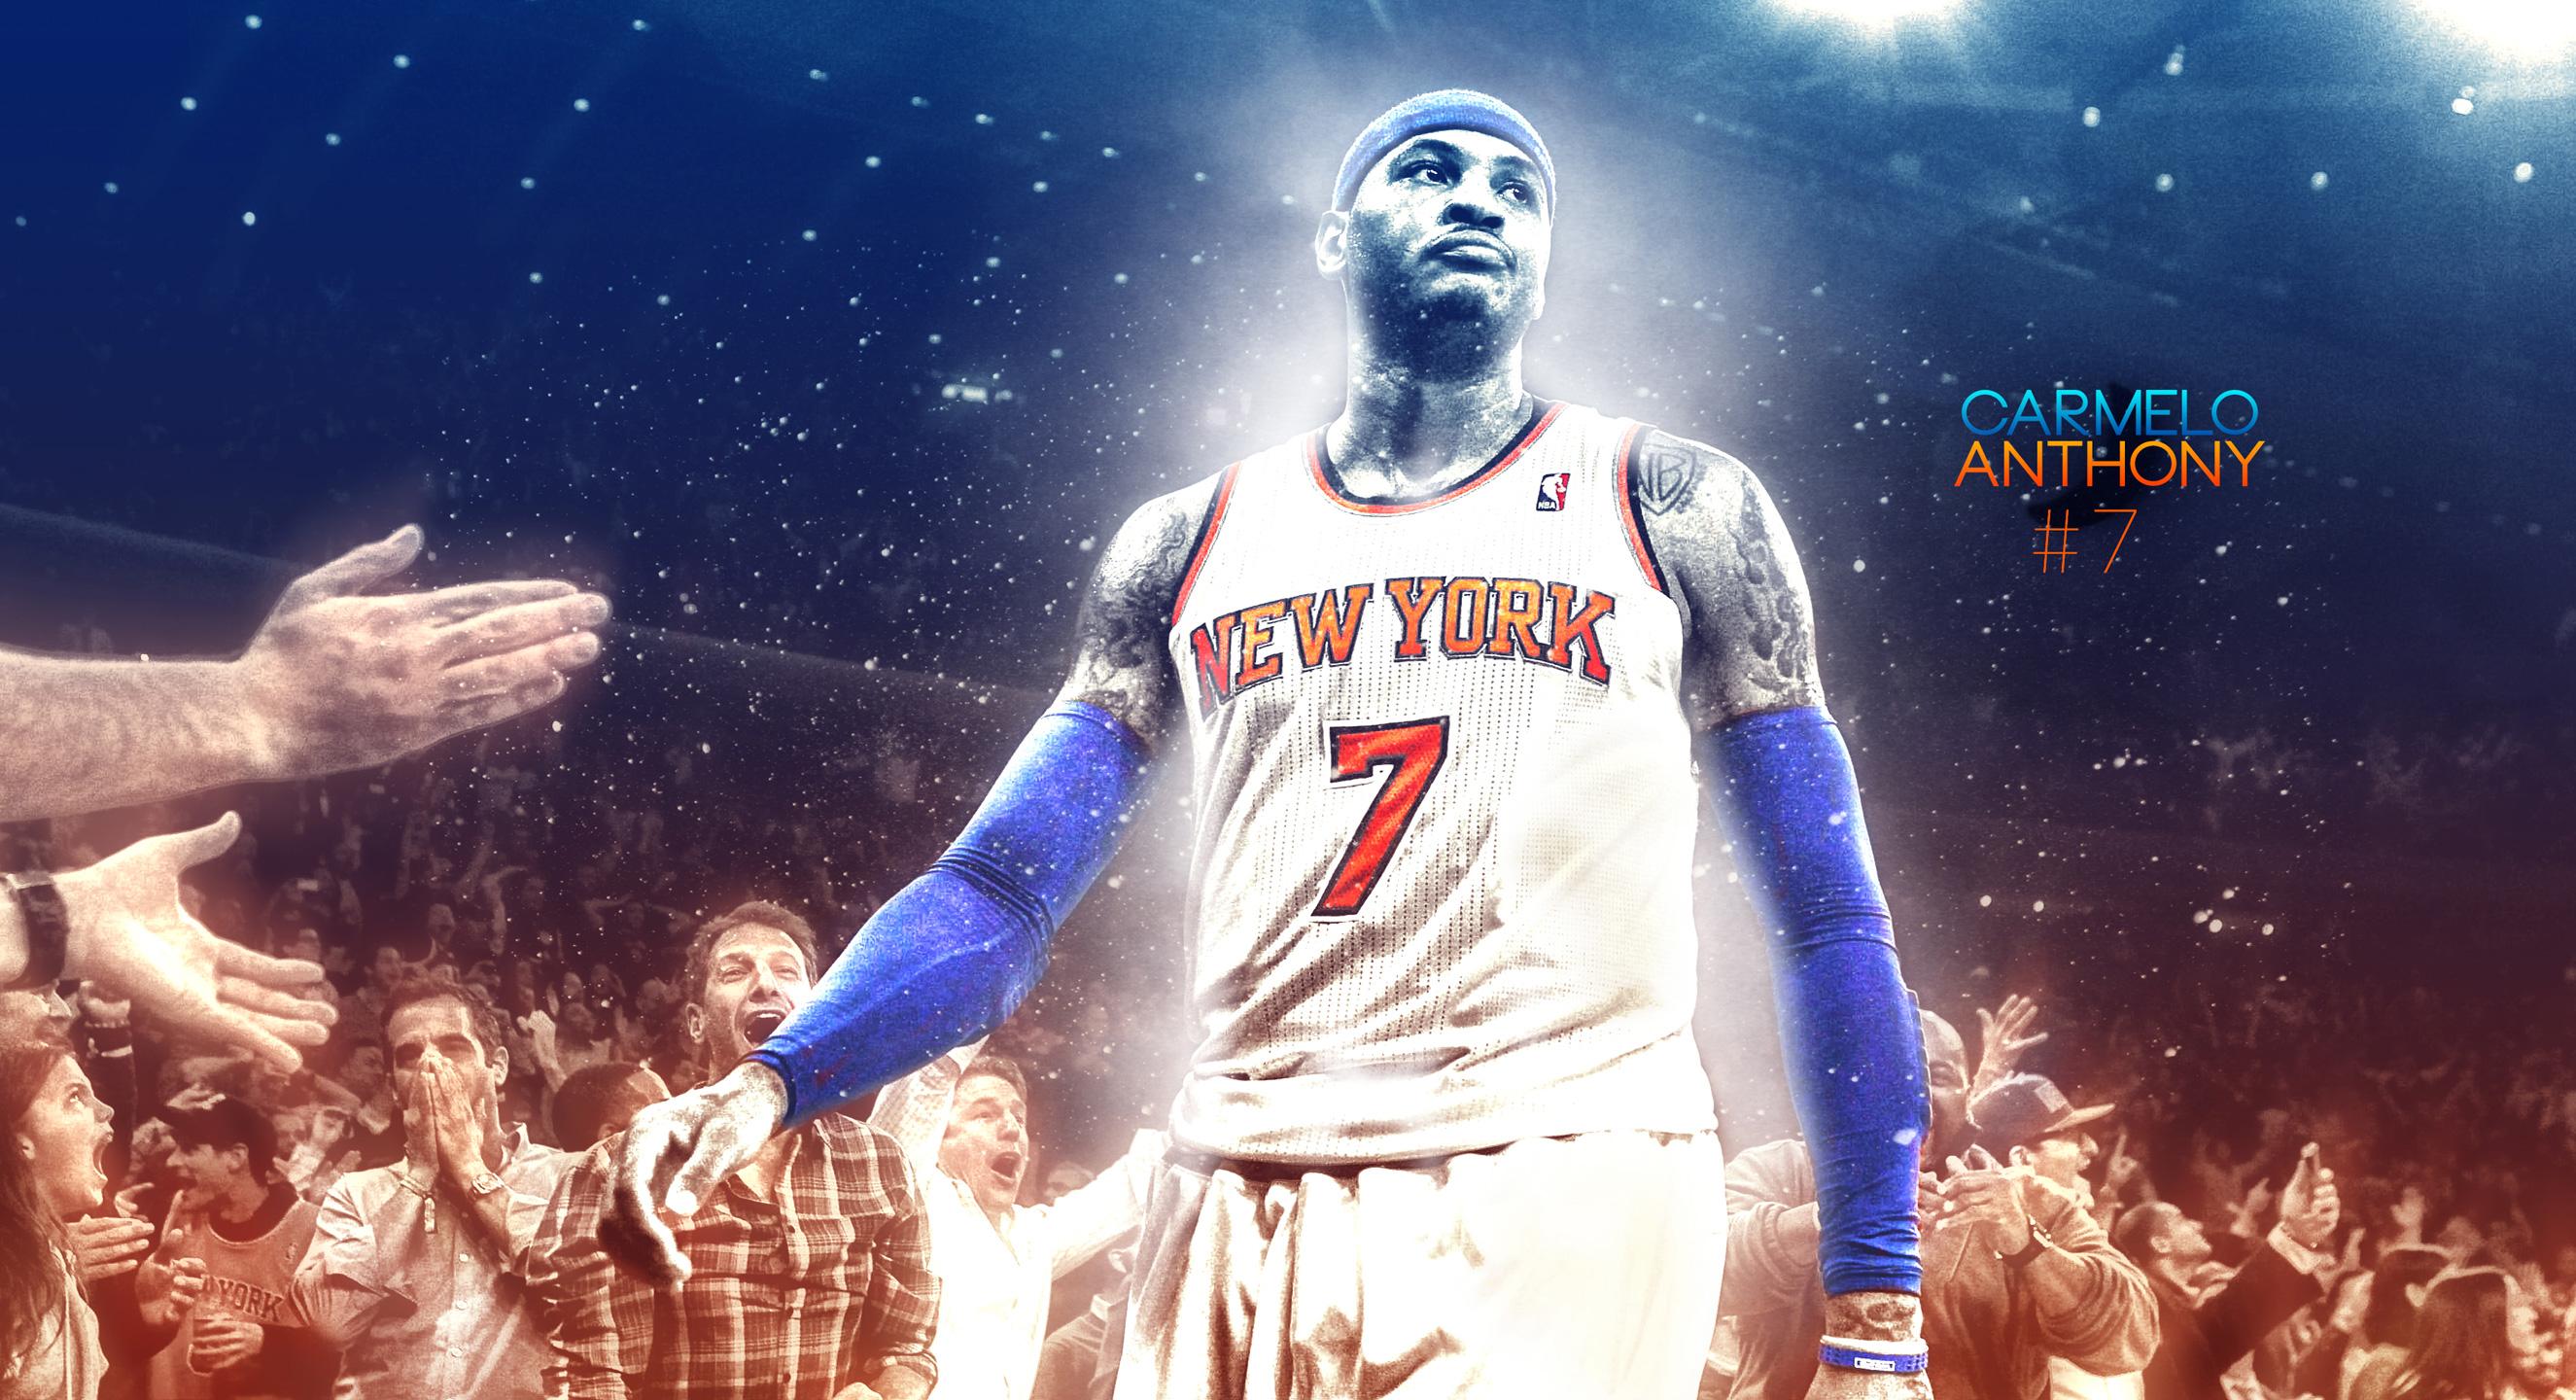 Ny Knicks Wallpaper Hd Carmelo Anthony Knicks 2015 2560 215 1440 Wallpaper